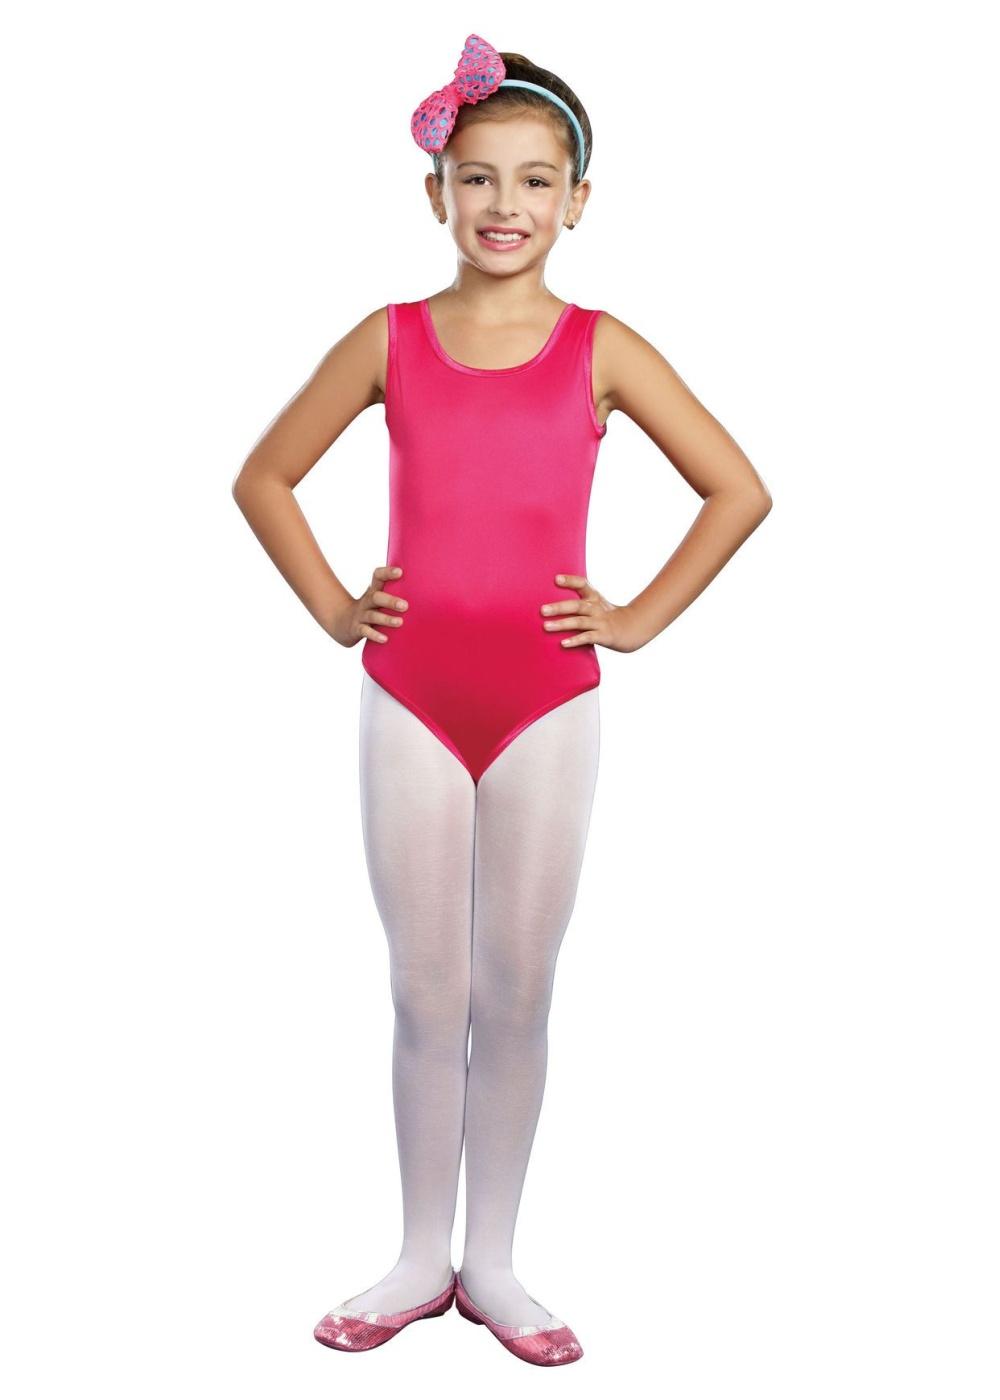 09e496da7 Hot Pink Dancewear Girls Leotard - Dancewear Costumes